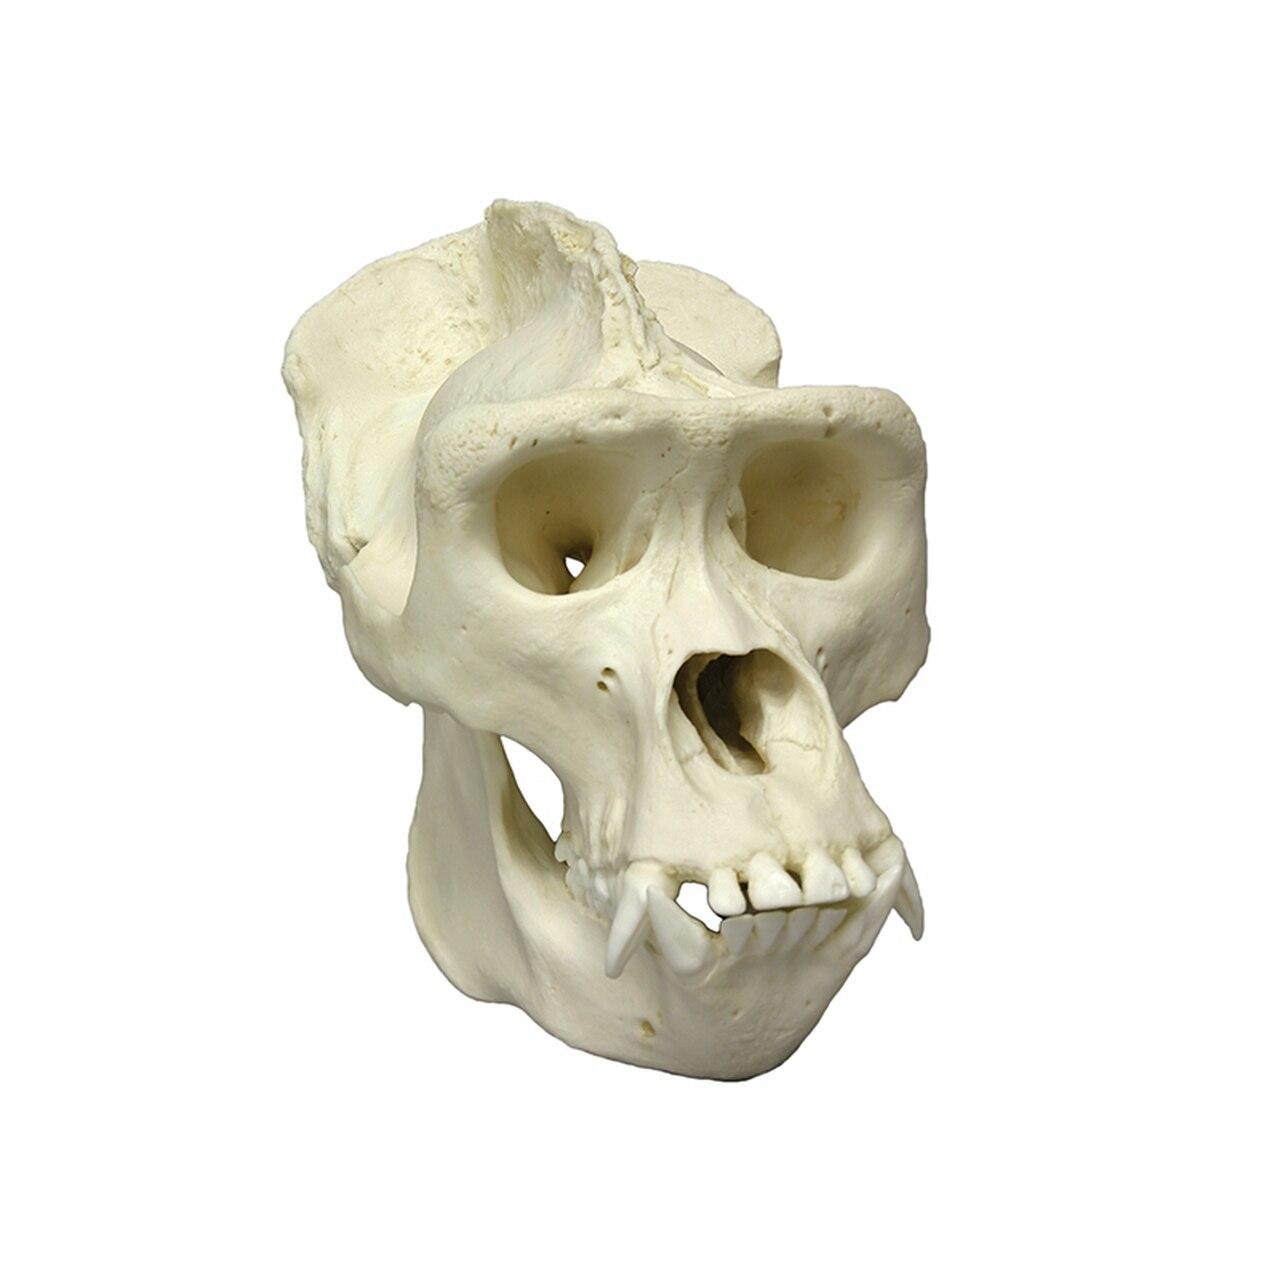 Animal Skull Models